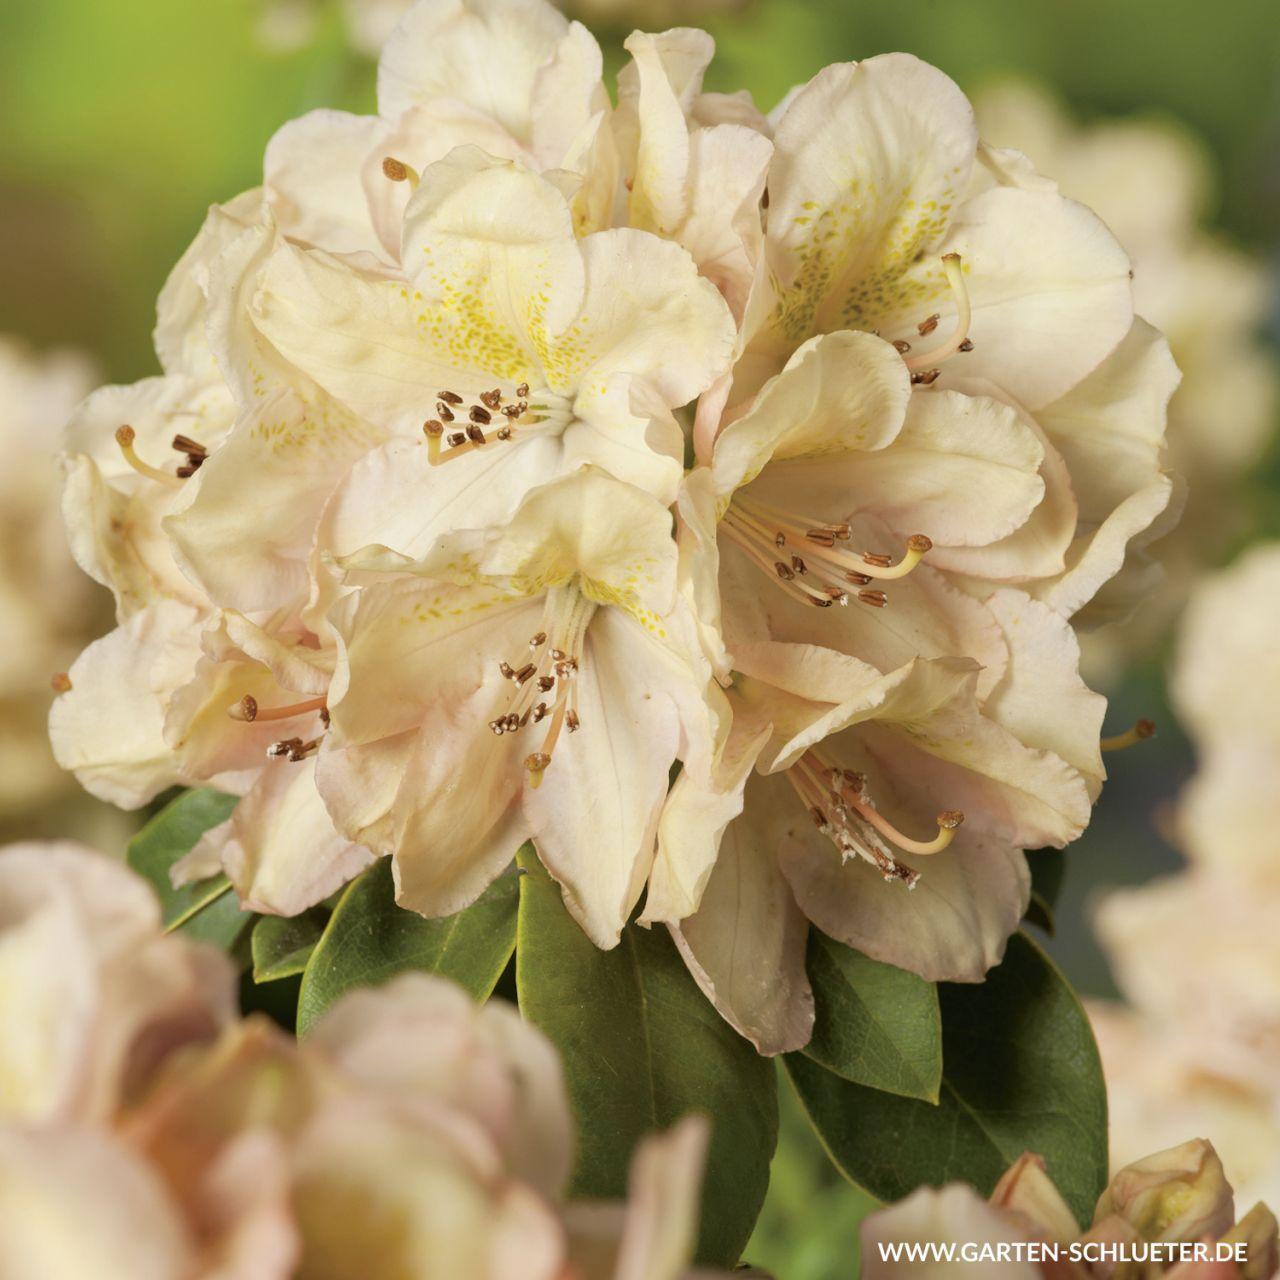 Garten-Schlueter.de: Rhododendron Belkanto